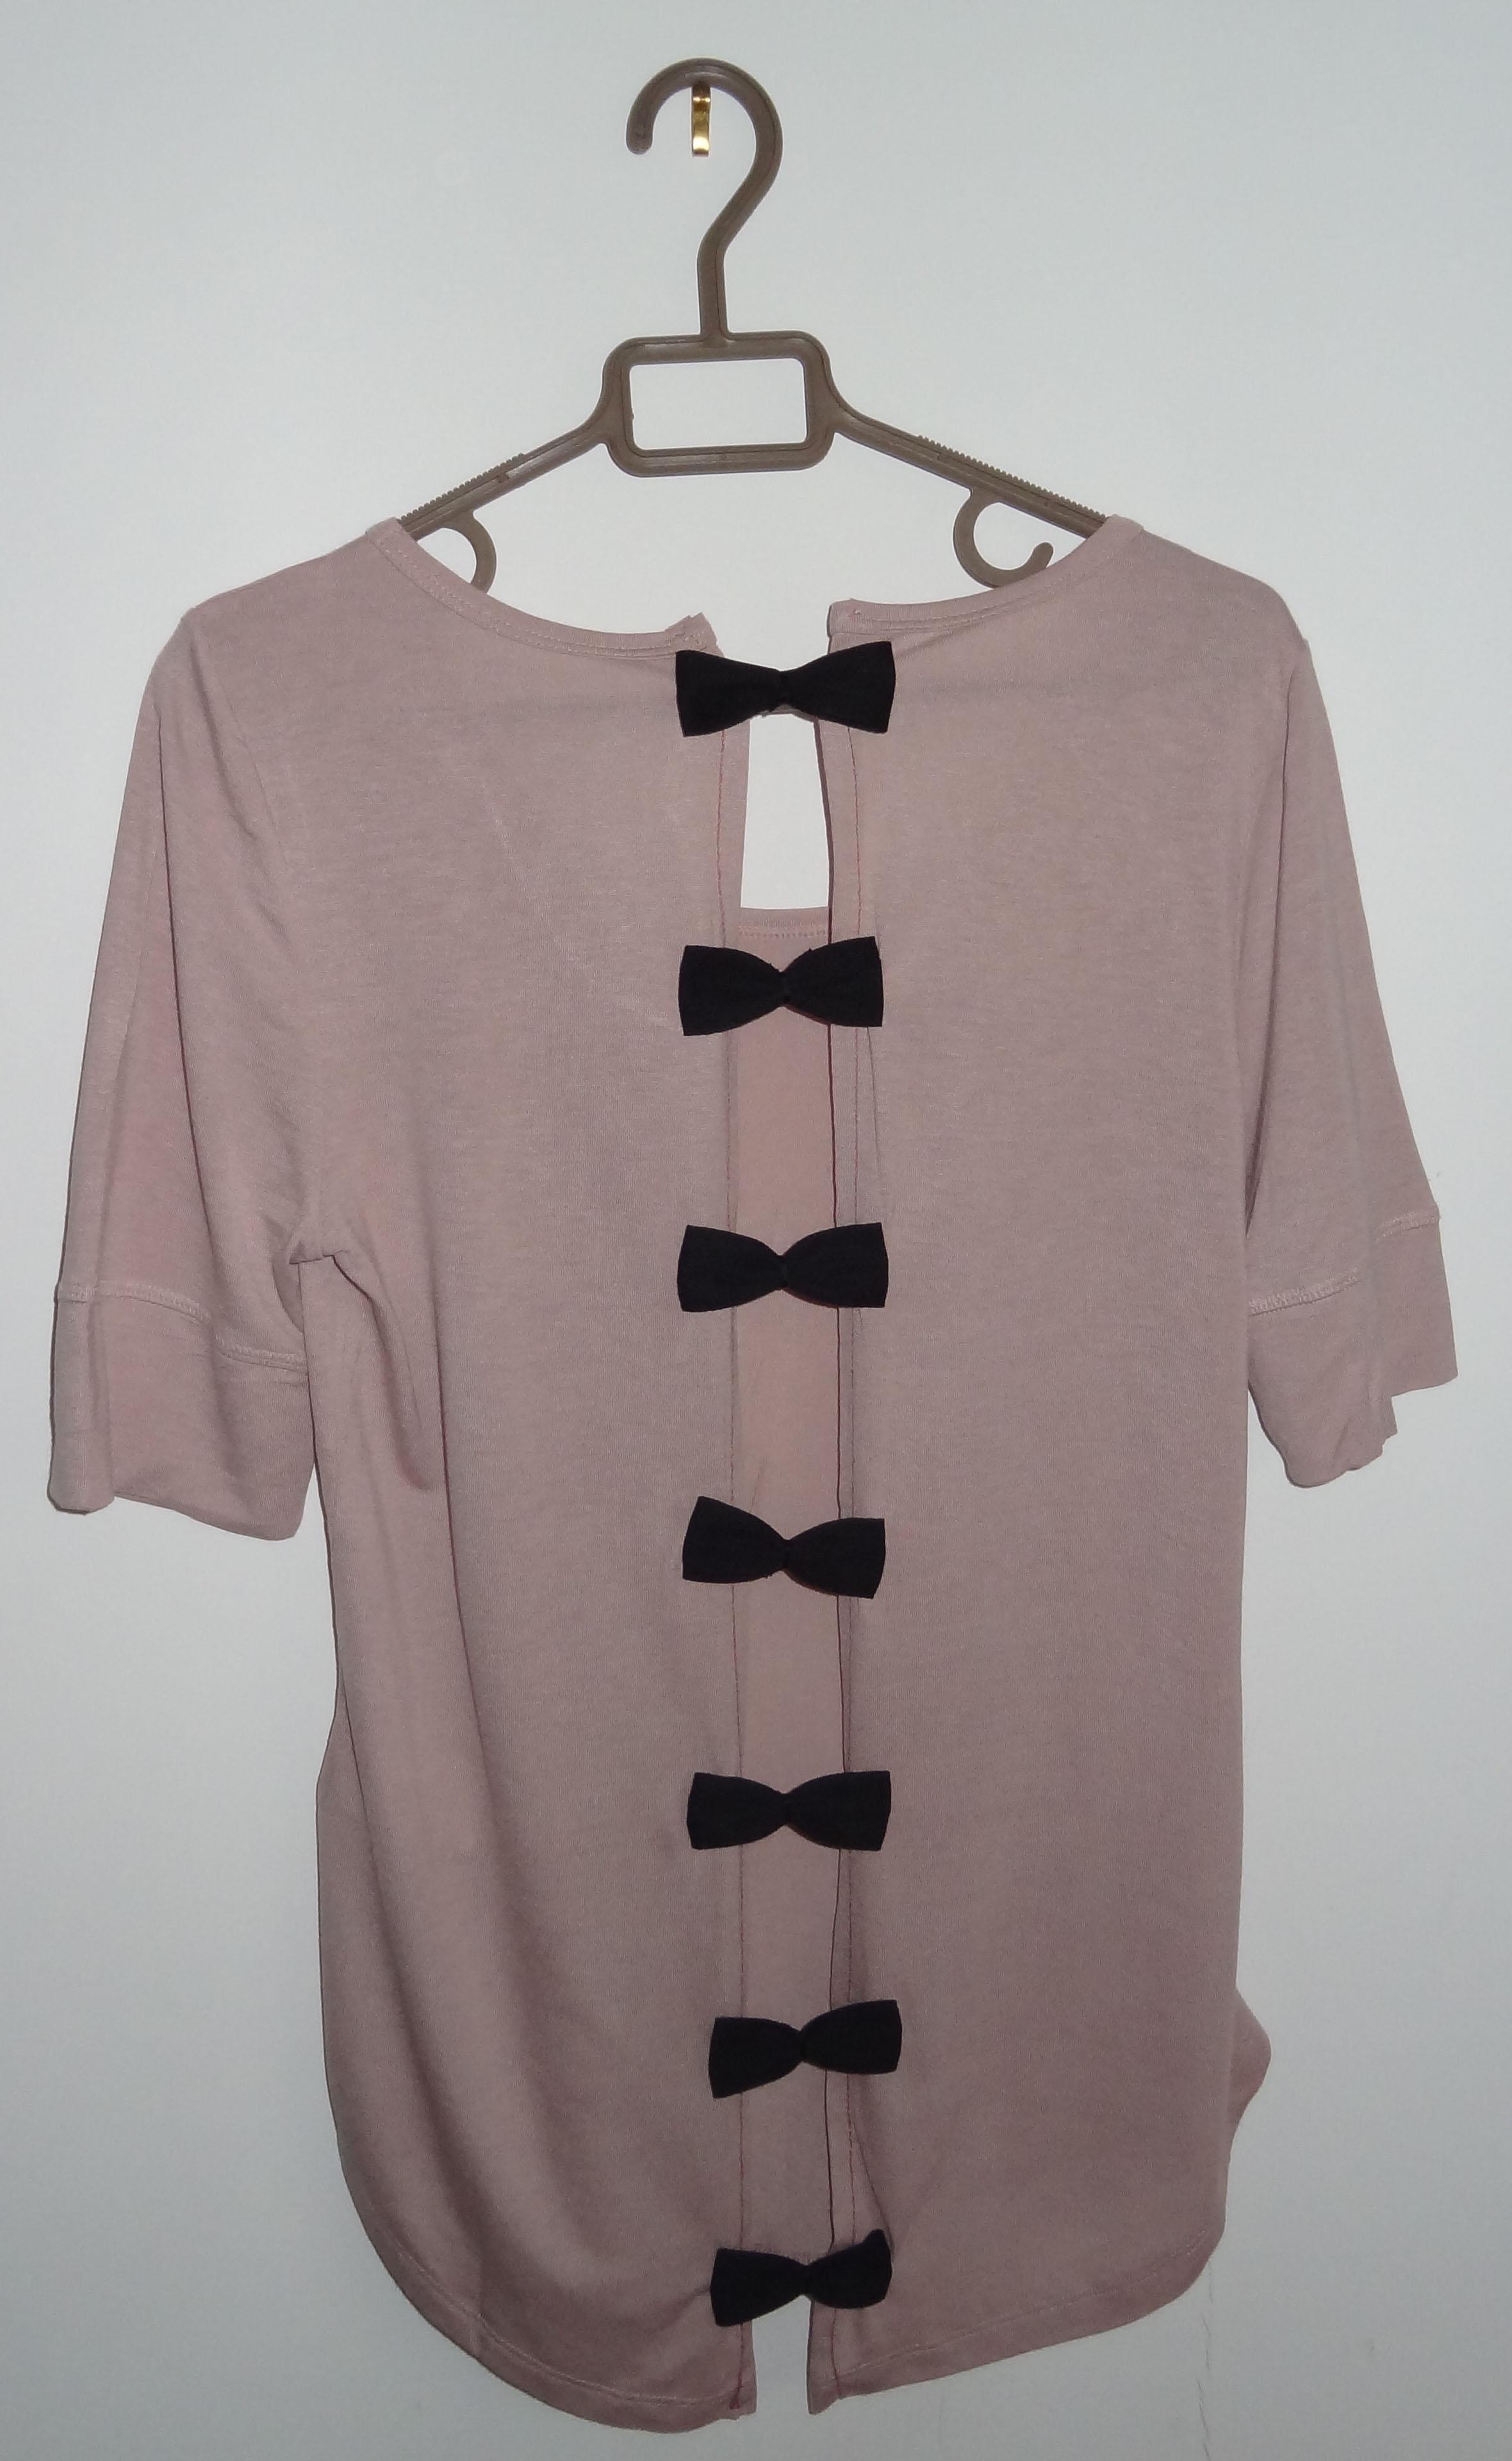 Diy couture le tee shirt dos nu cam lia blog point zigzag - Comment plier un t shirt ...